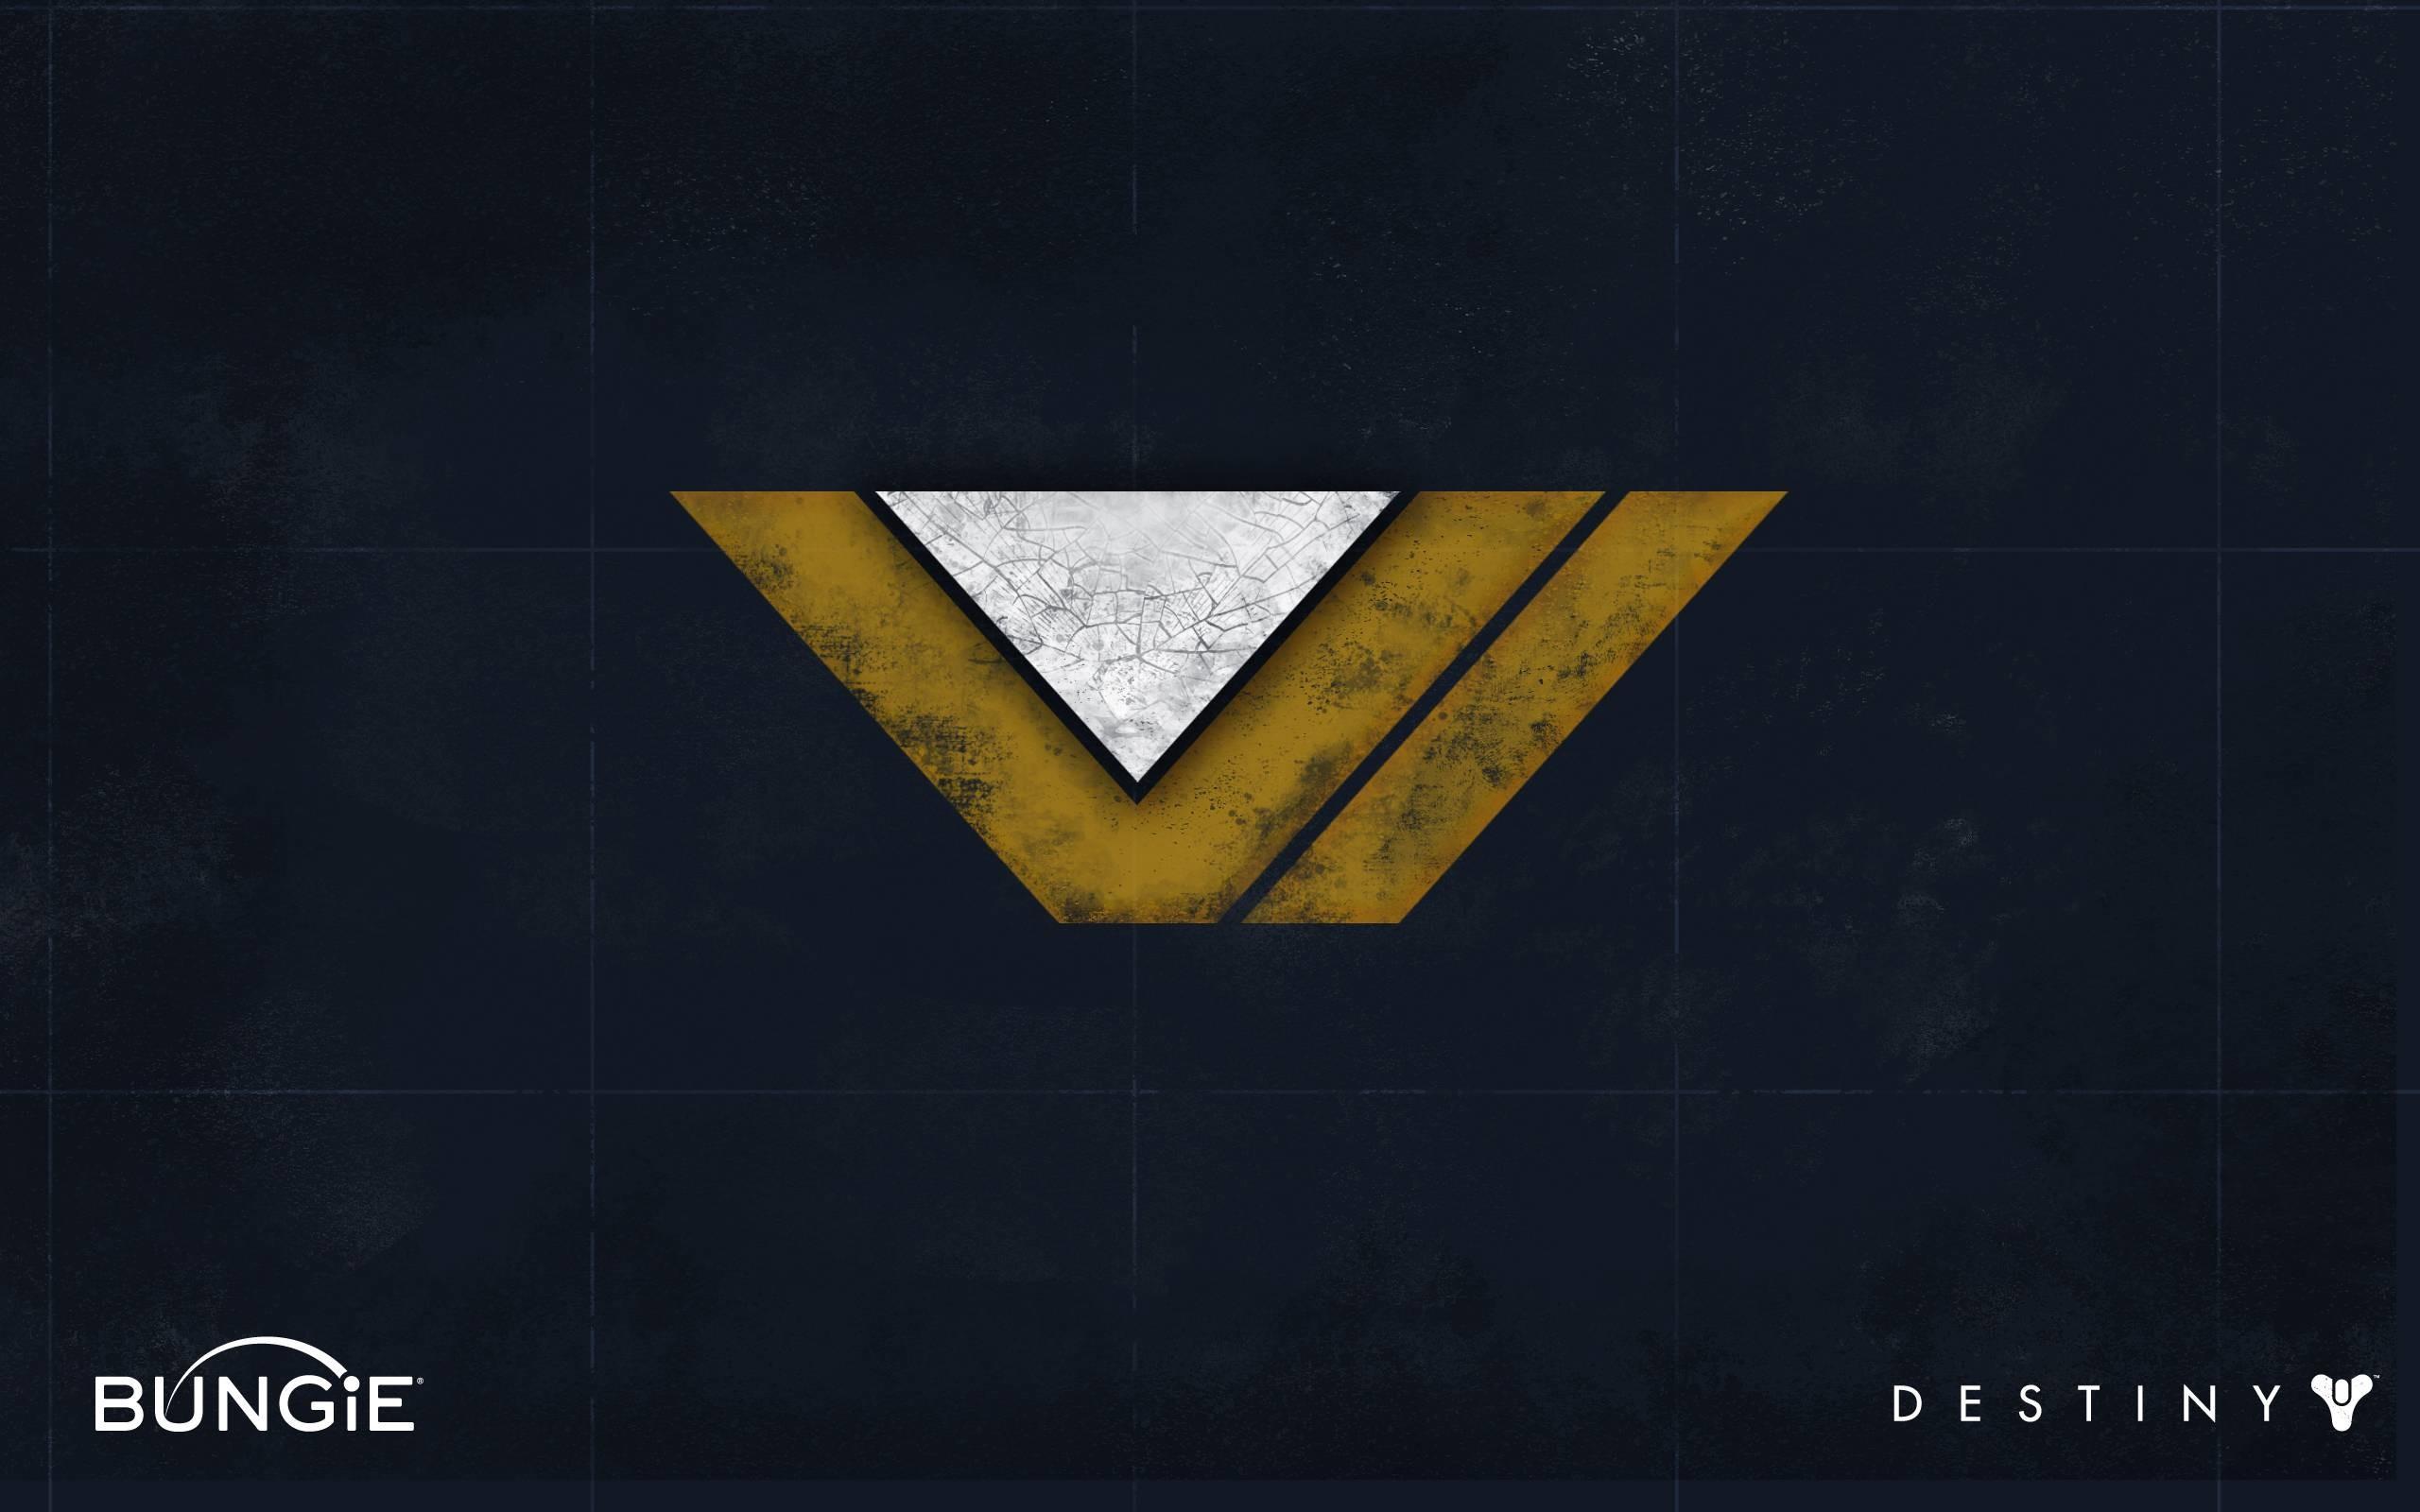 destiny-wallpaper-43